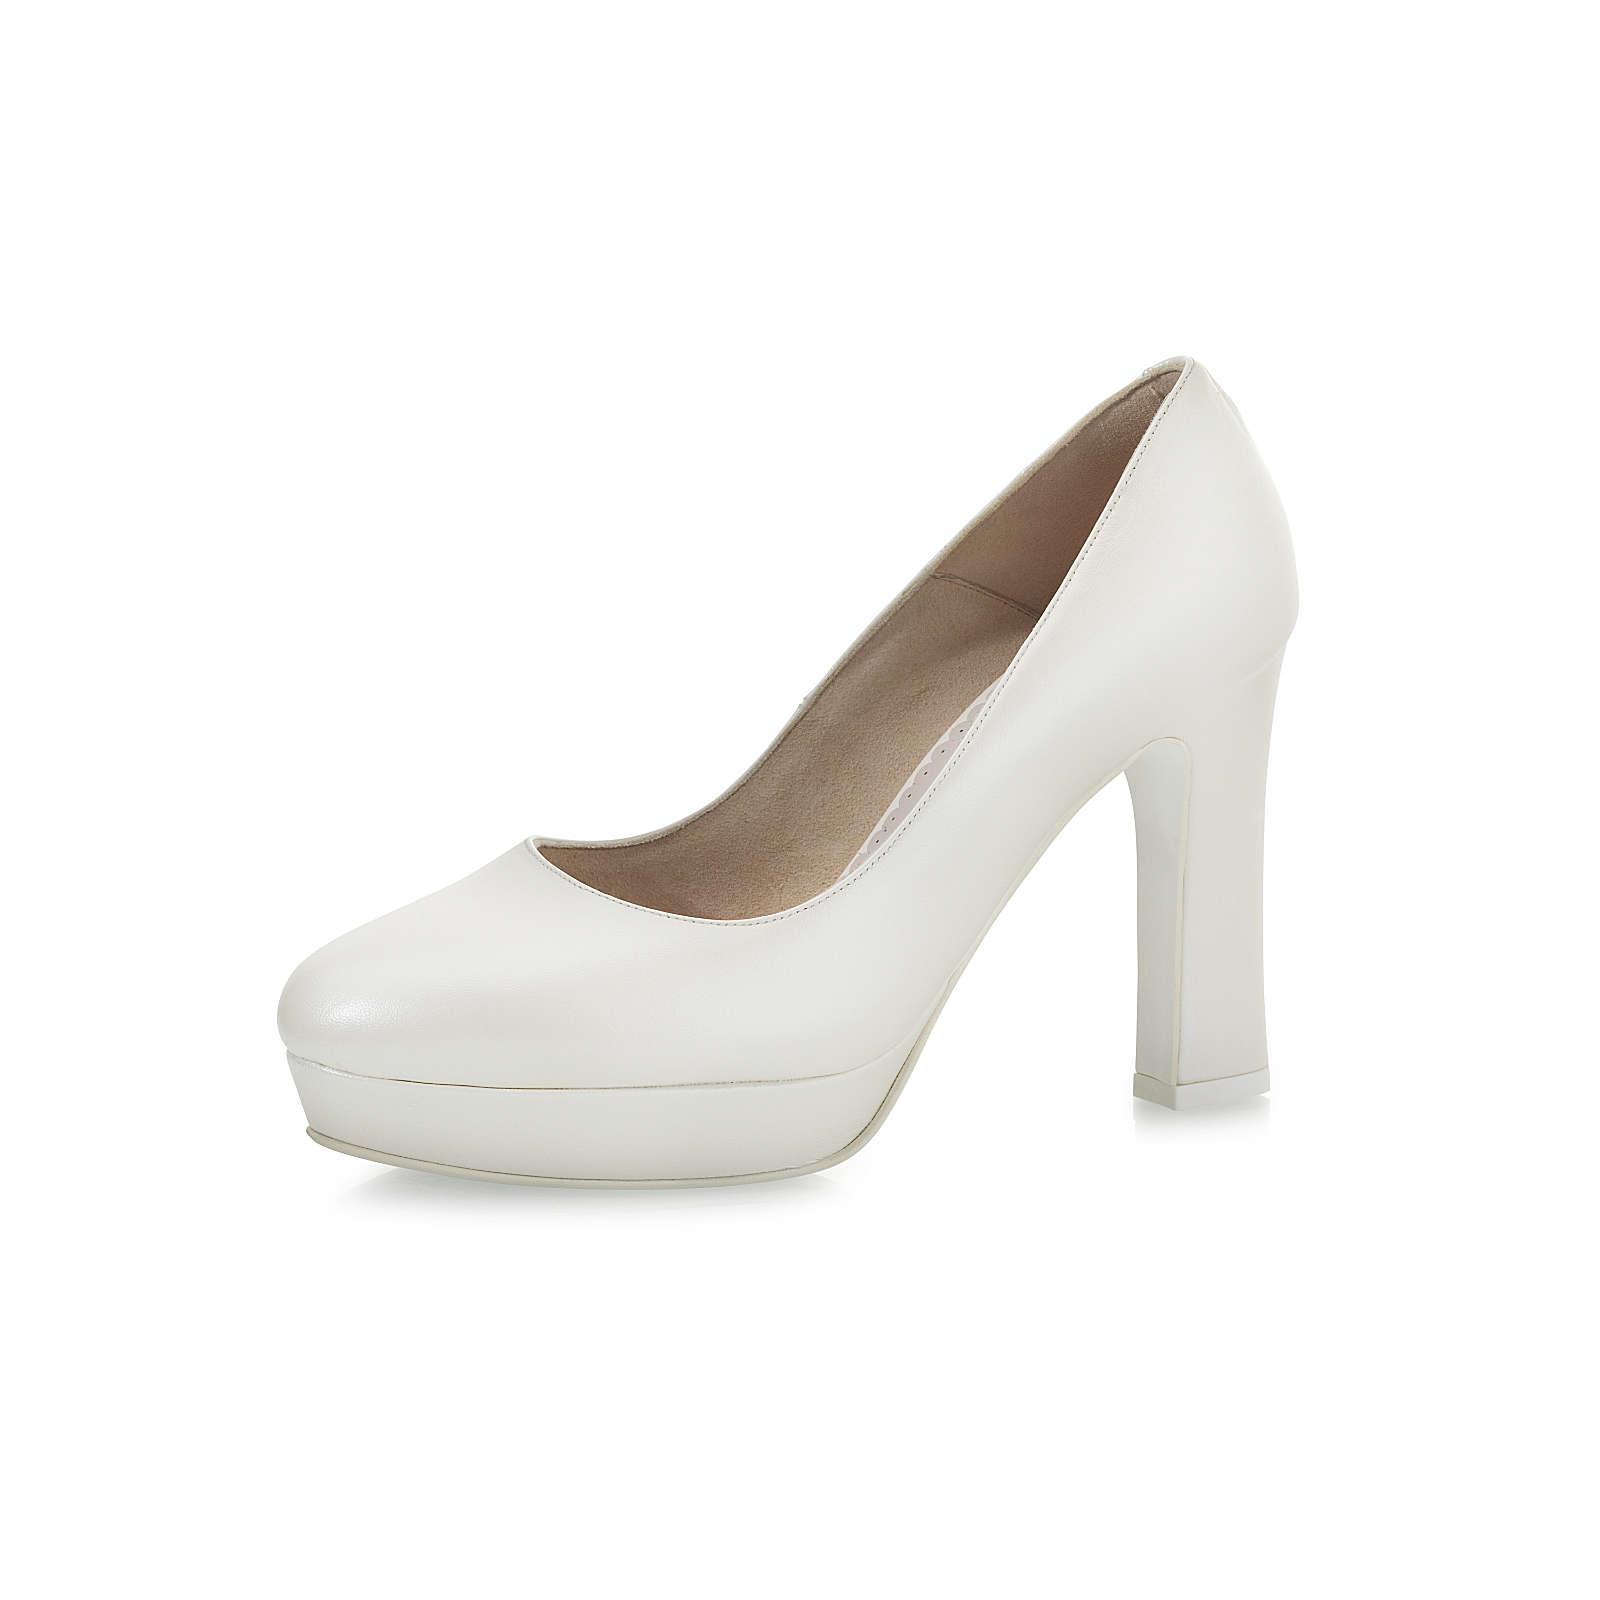 Elsa Coloured Shoes Fiarucci Brautschuhe Desario Plateau-Pumps creme Damen Gr. 40,5